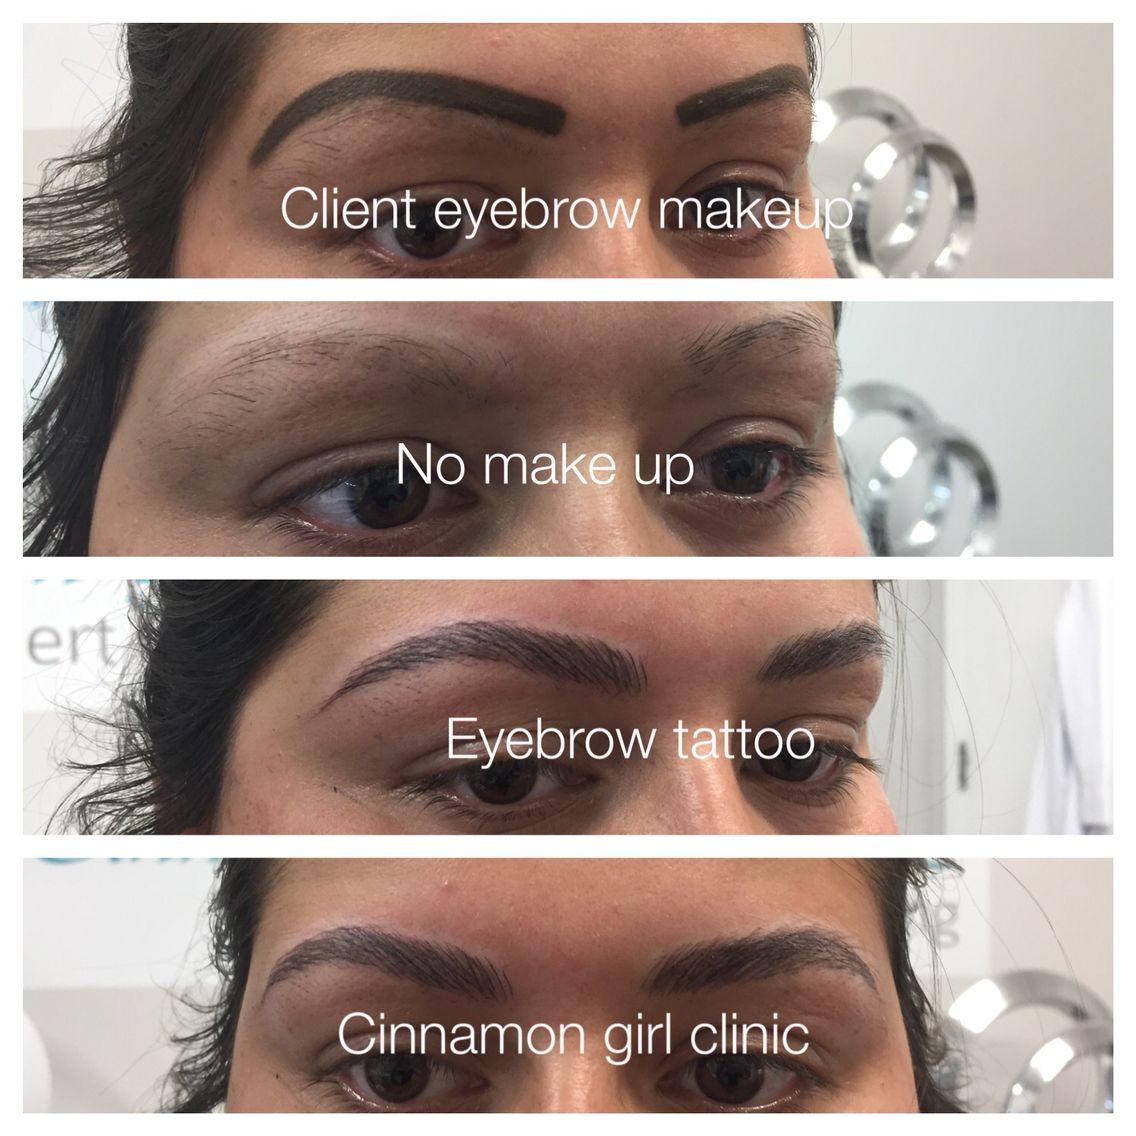 Eyebrow tattoo wwwcinnamongirlclinicca eyebrow tattoo